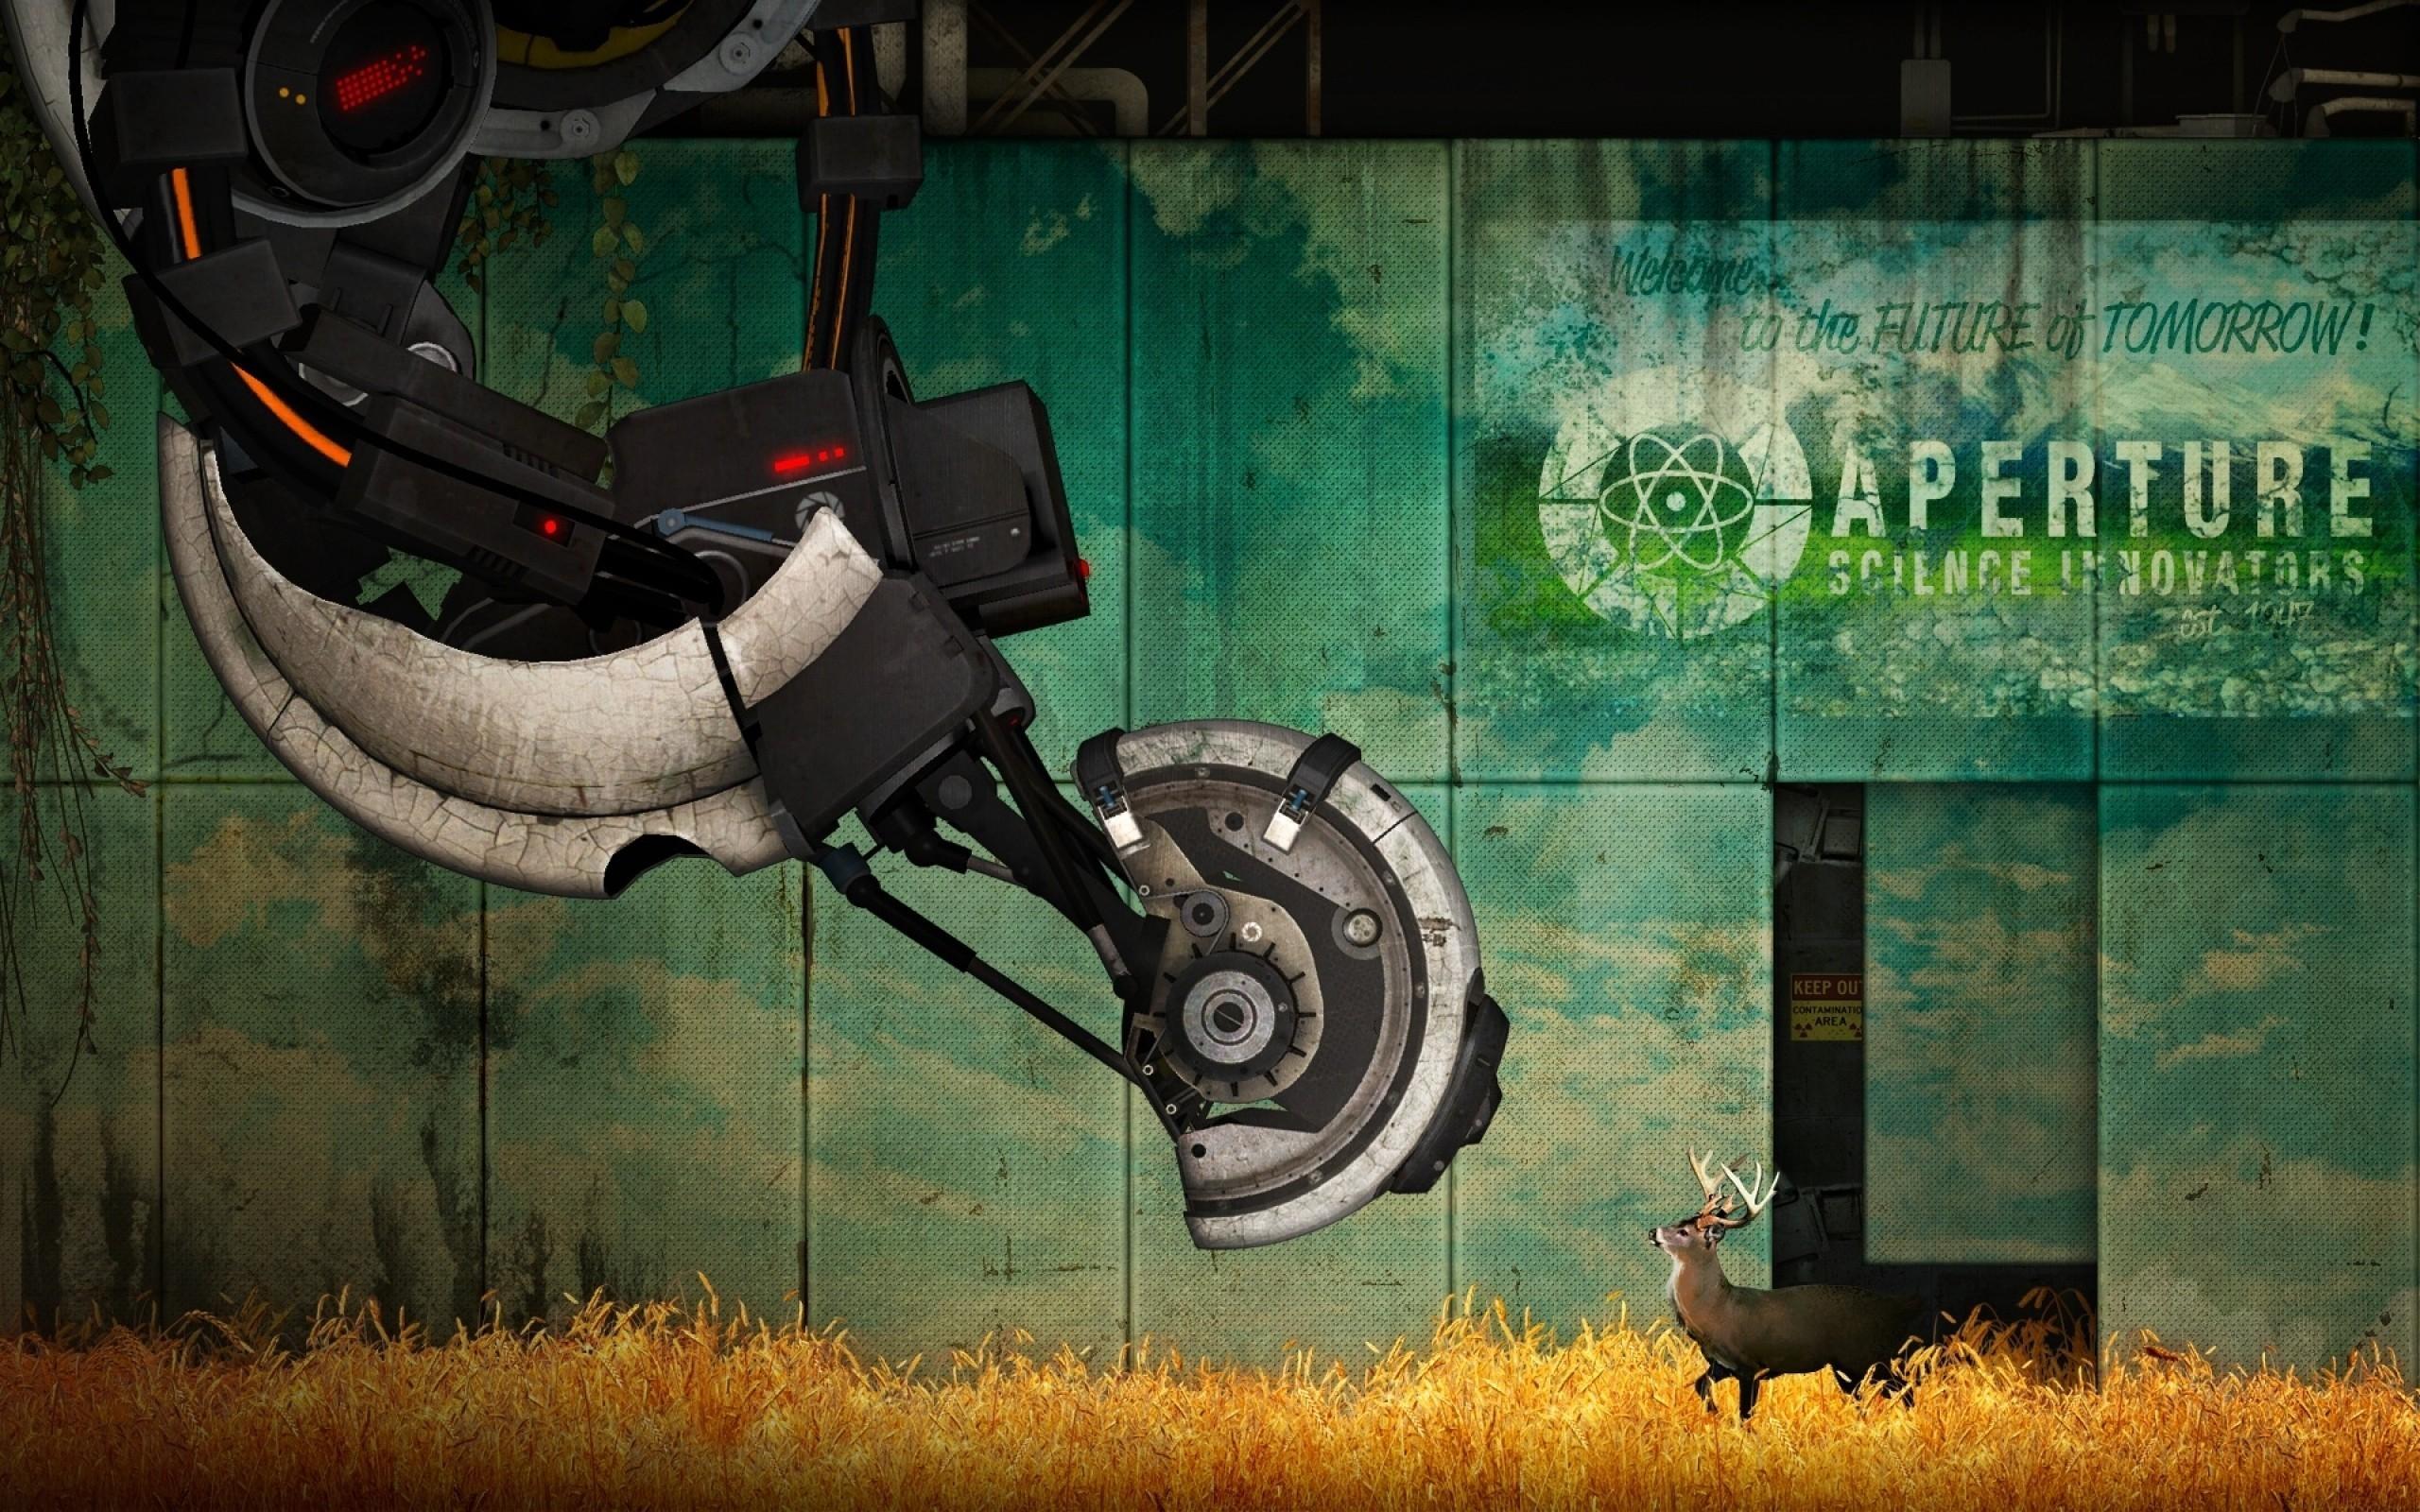 Portal 2, Portal, GLaDOS, Aperture Laboratories Wallpaper HD